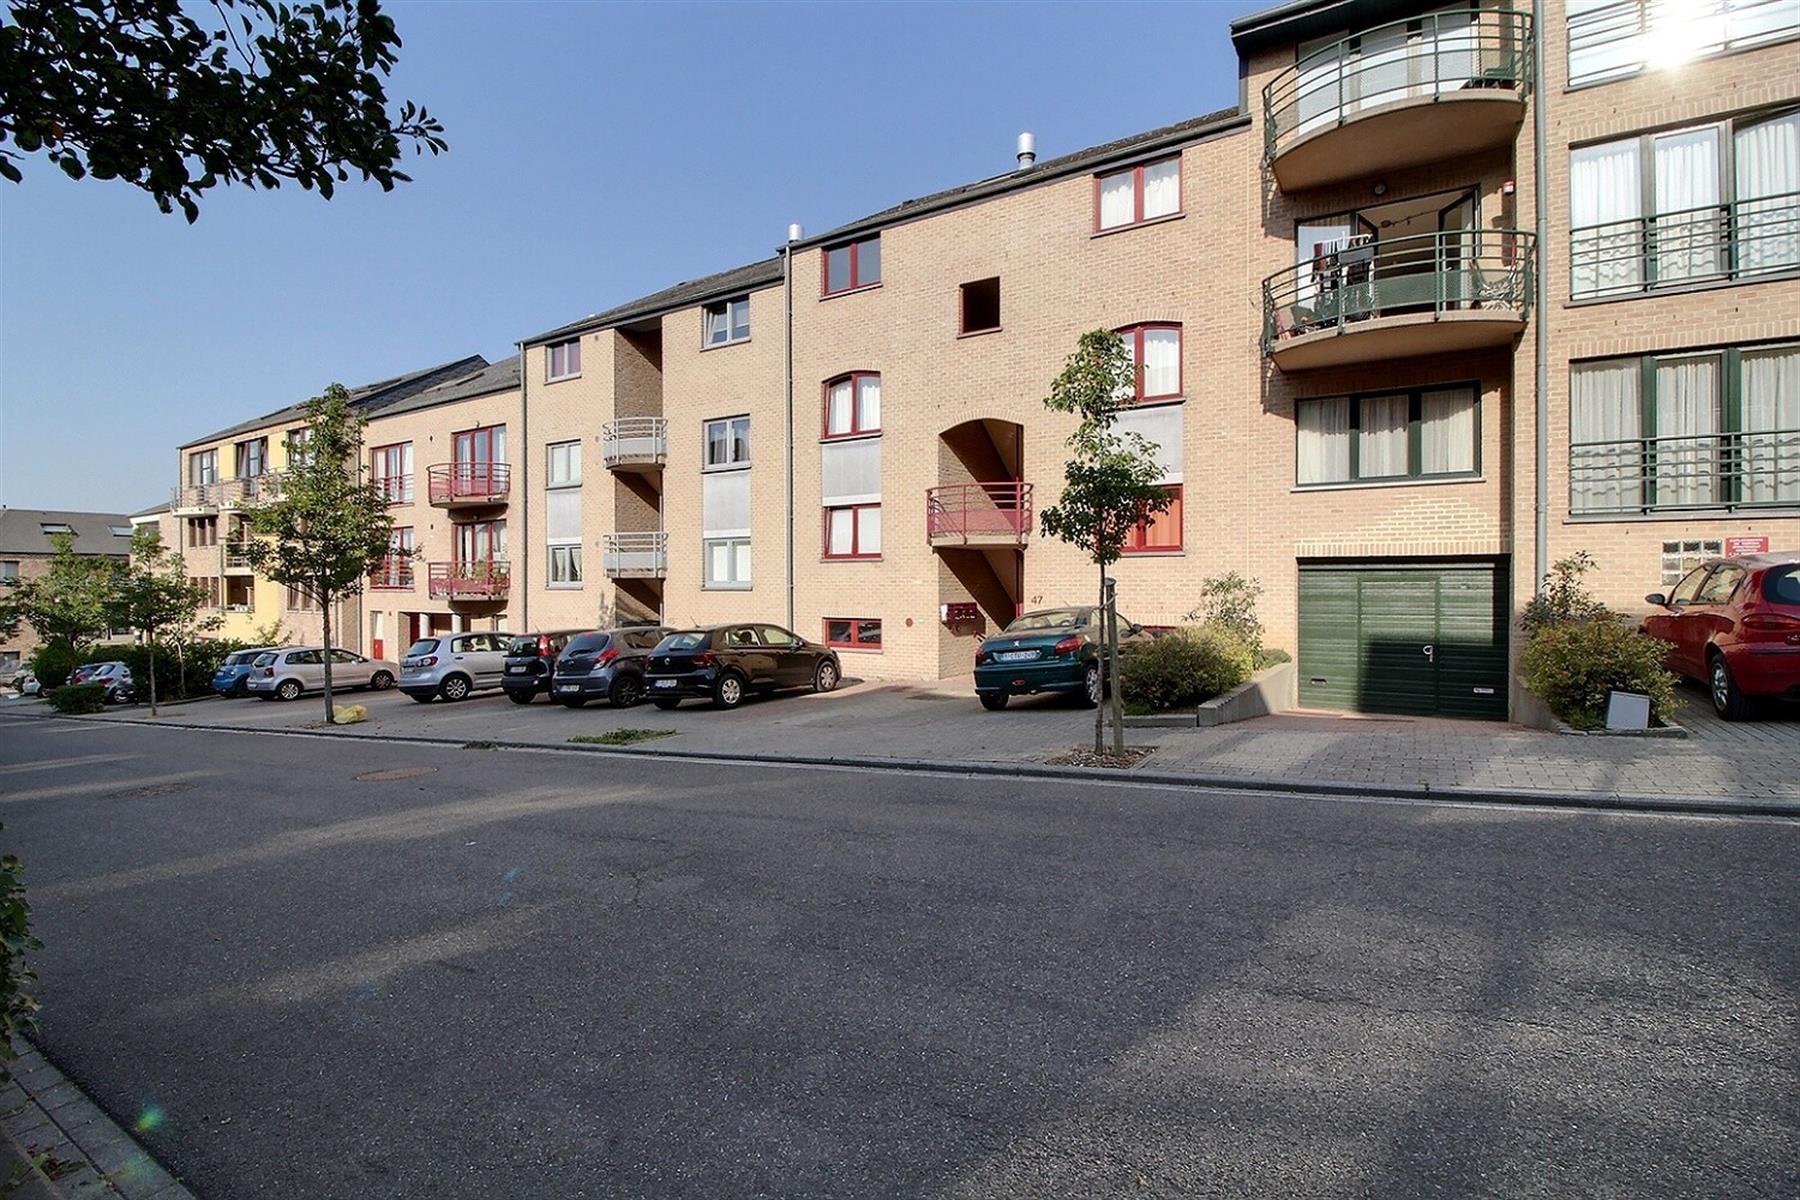 Appartement - Ottignies-Louvain-la-Neuve Louvain-la-Neuve - #4445203-0